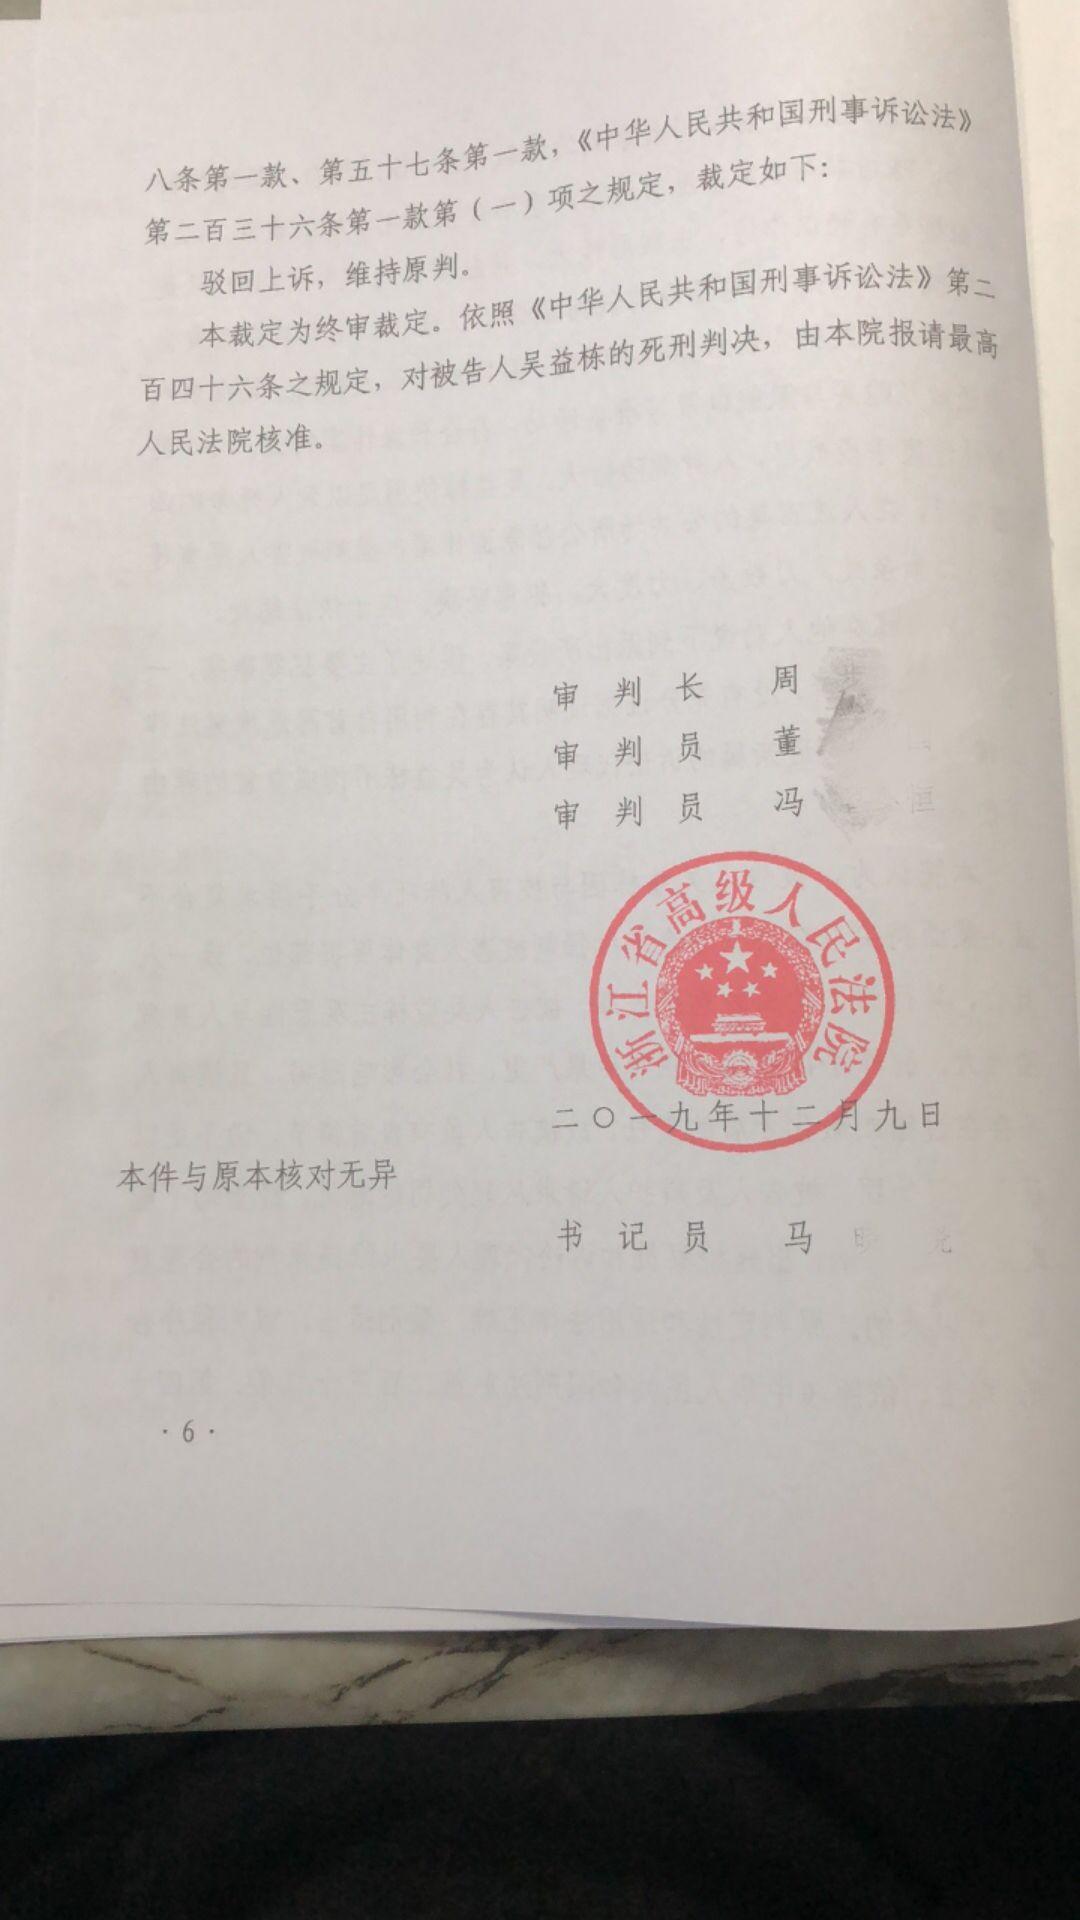 """浙江""""网红教师被杀案""""二审维持原判 行凶者被判死刑"""